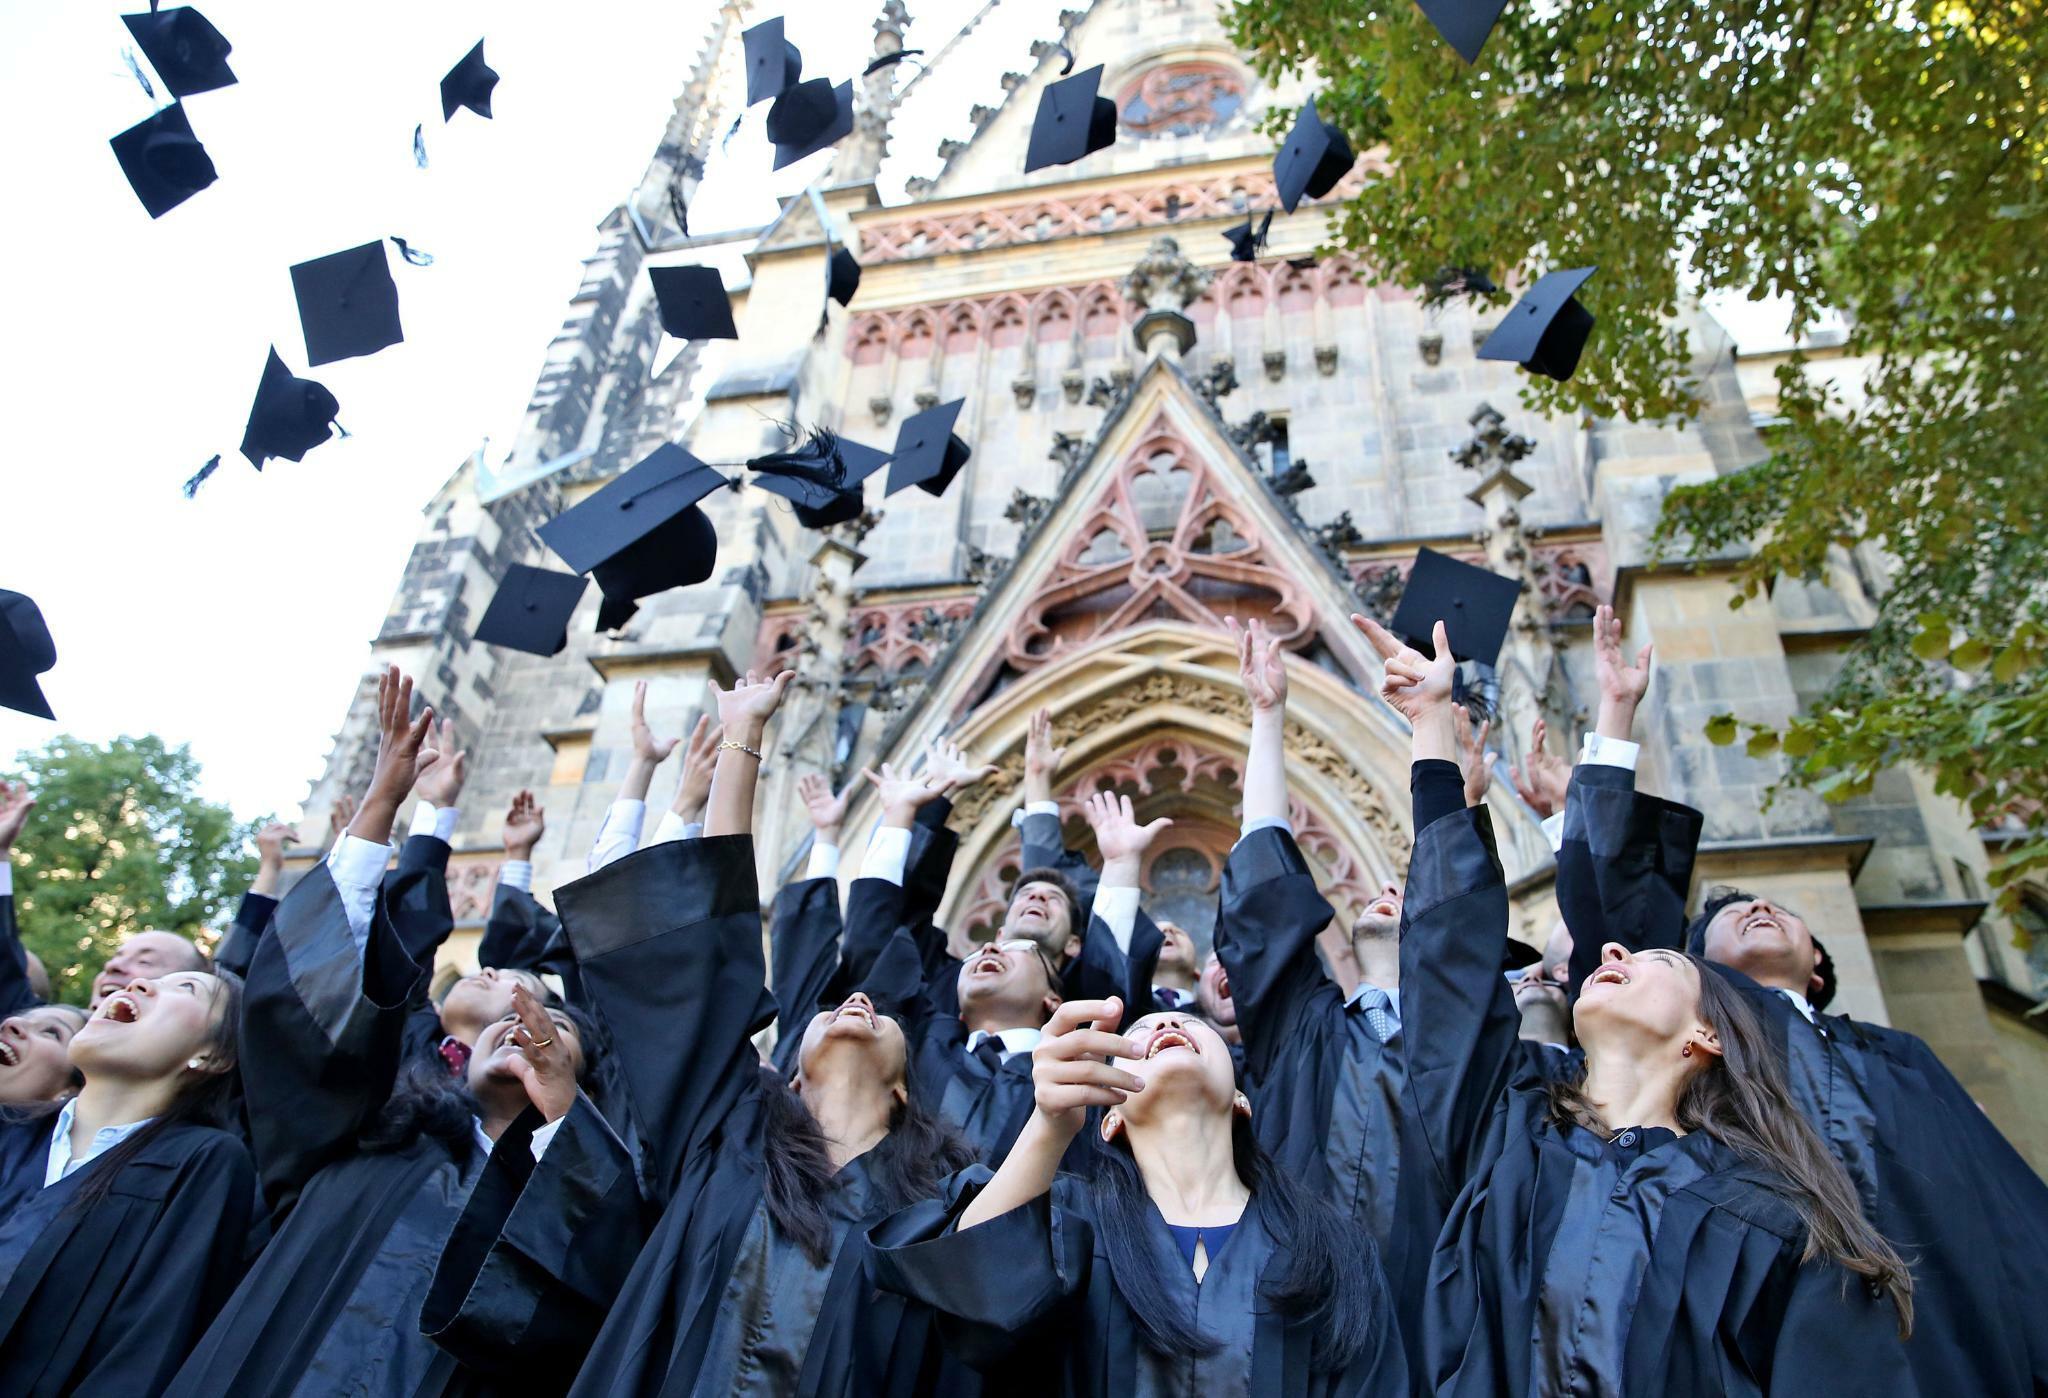 Einstiegsgehalt: Welche Studienfächer sich auszahlen